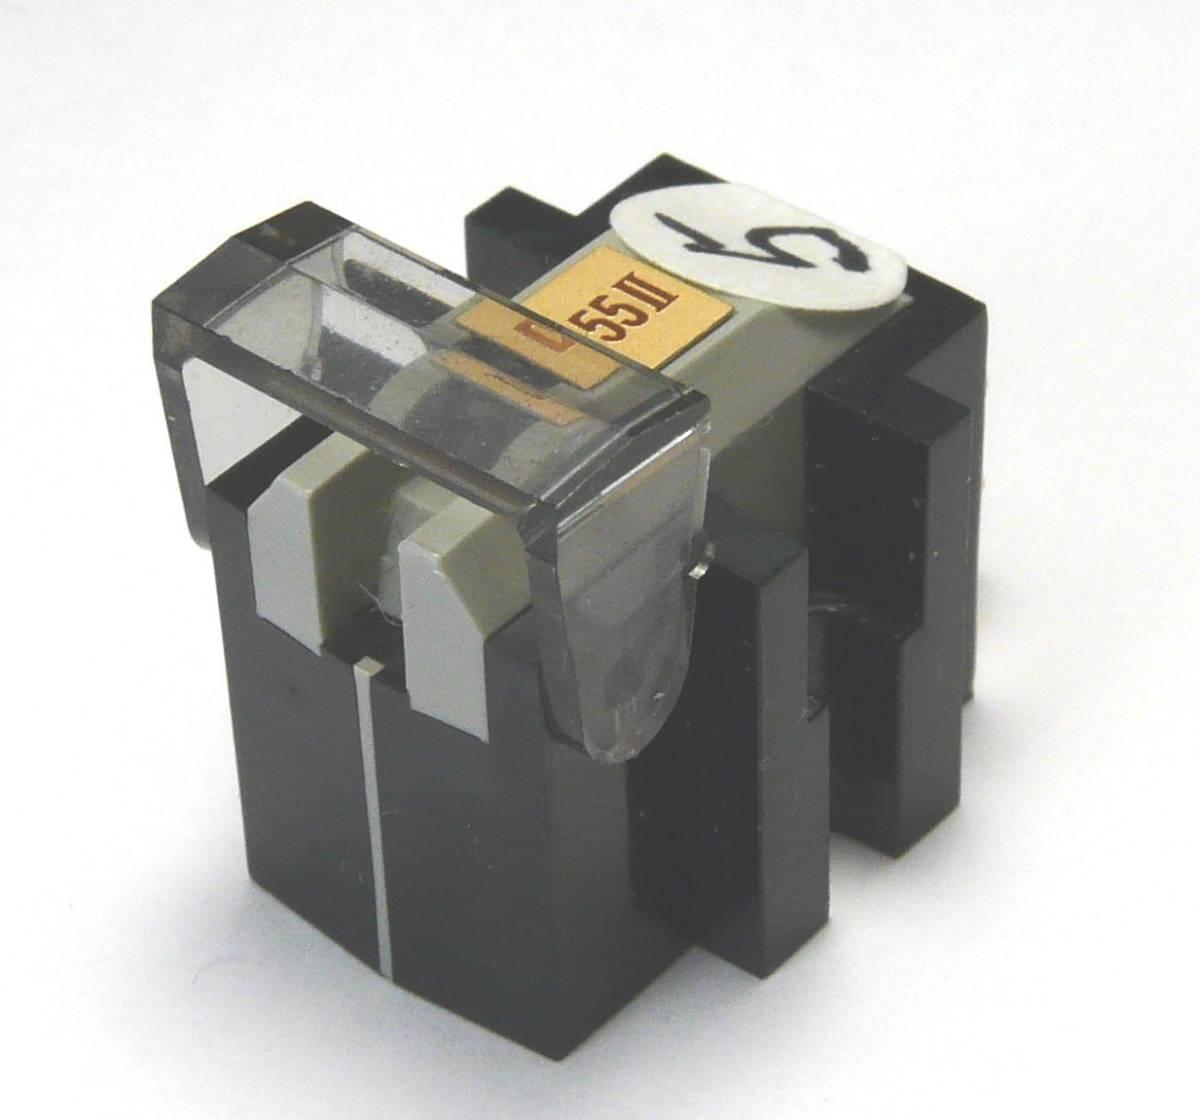 ⑤ DENON デノン DL-55Ⅱにaudio-technica オーディオテクニカ AT-OC9/Ⅲのボロンカンチレバーを移植した補修品_画像5